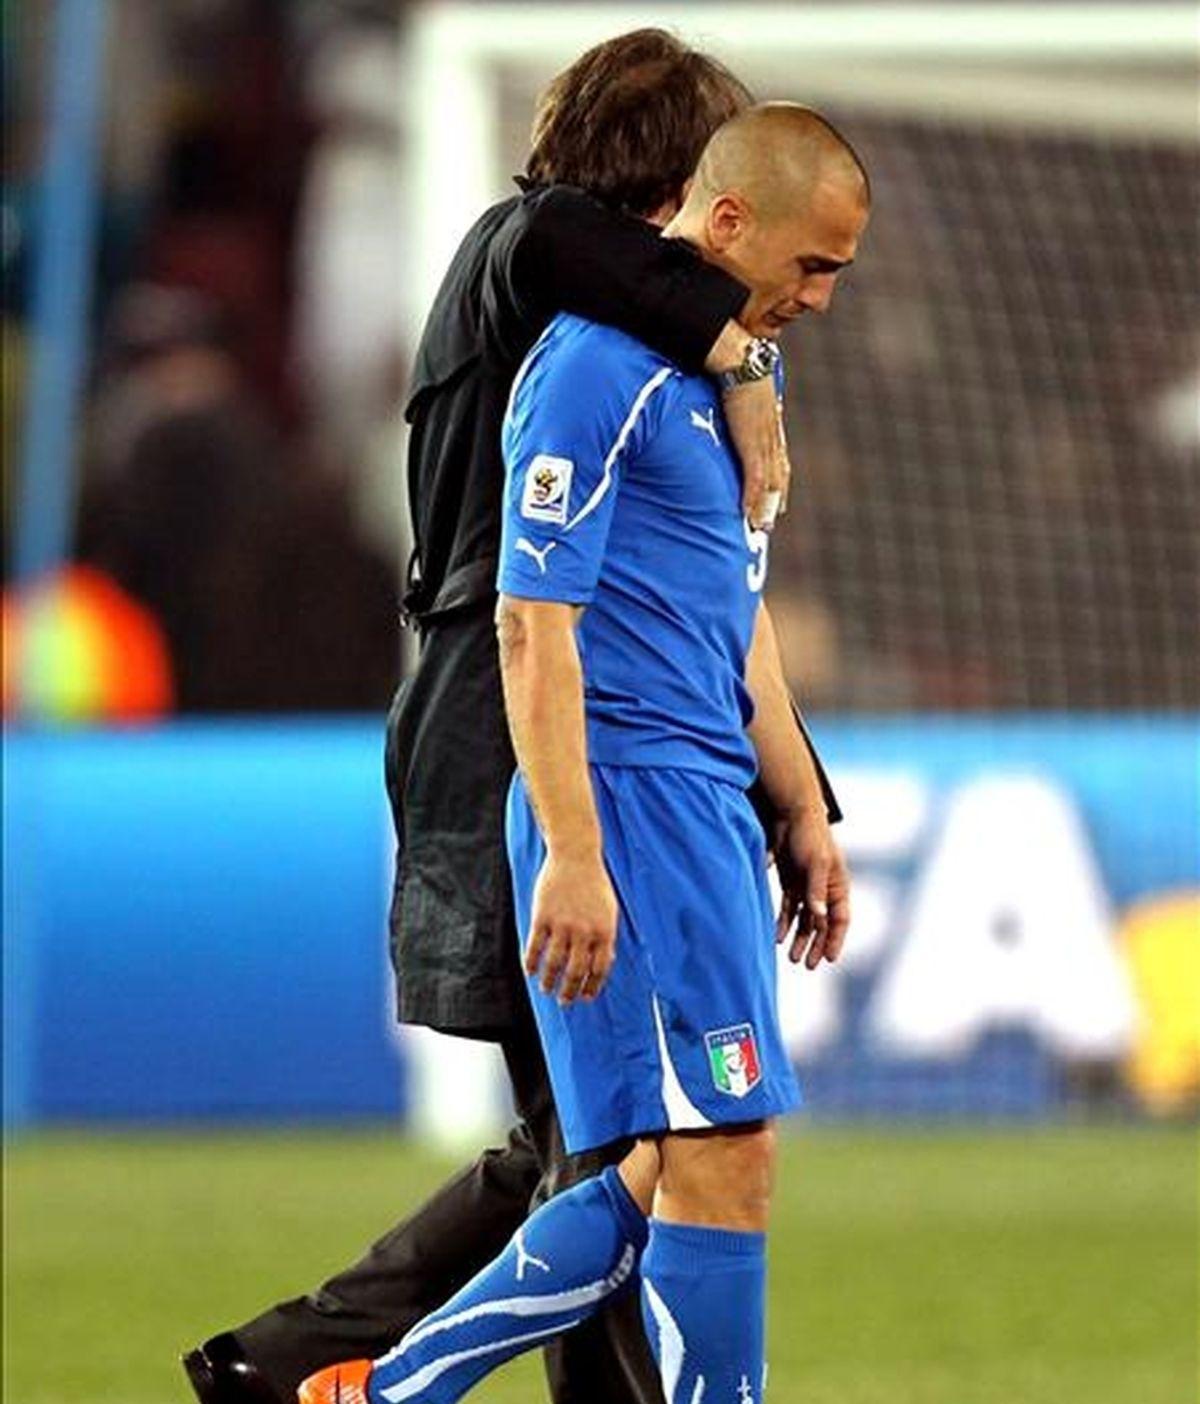 El defensa italiano Fabio Cannavaro (i) muestra su desolación al final del partido ante Eslovaquia, en el que Italia quedó eliminada, 3-2 perdió, en el estadio Ellis Park, en Johannesburgo. EFE/Archivo